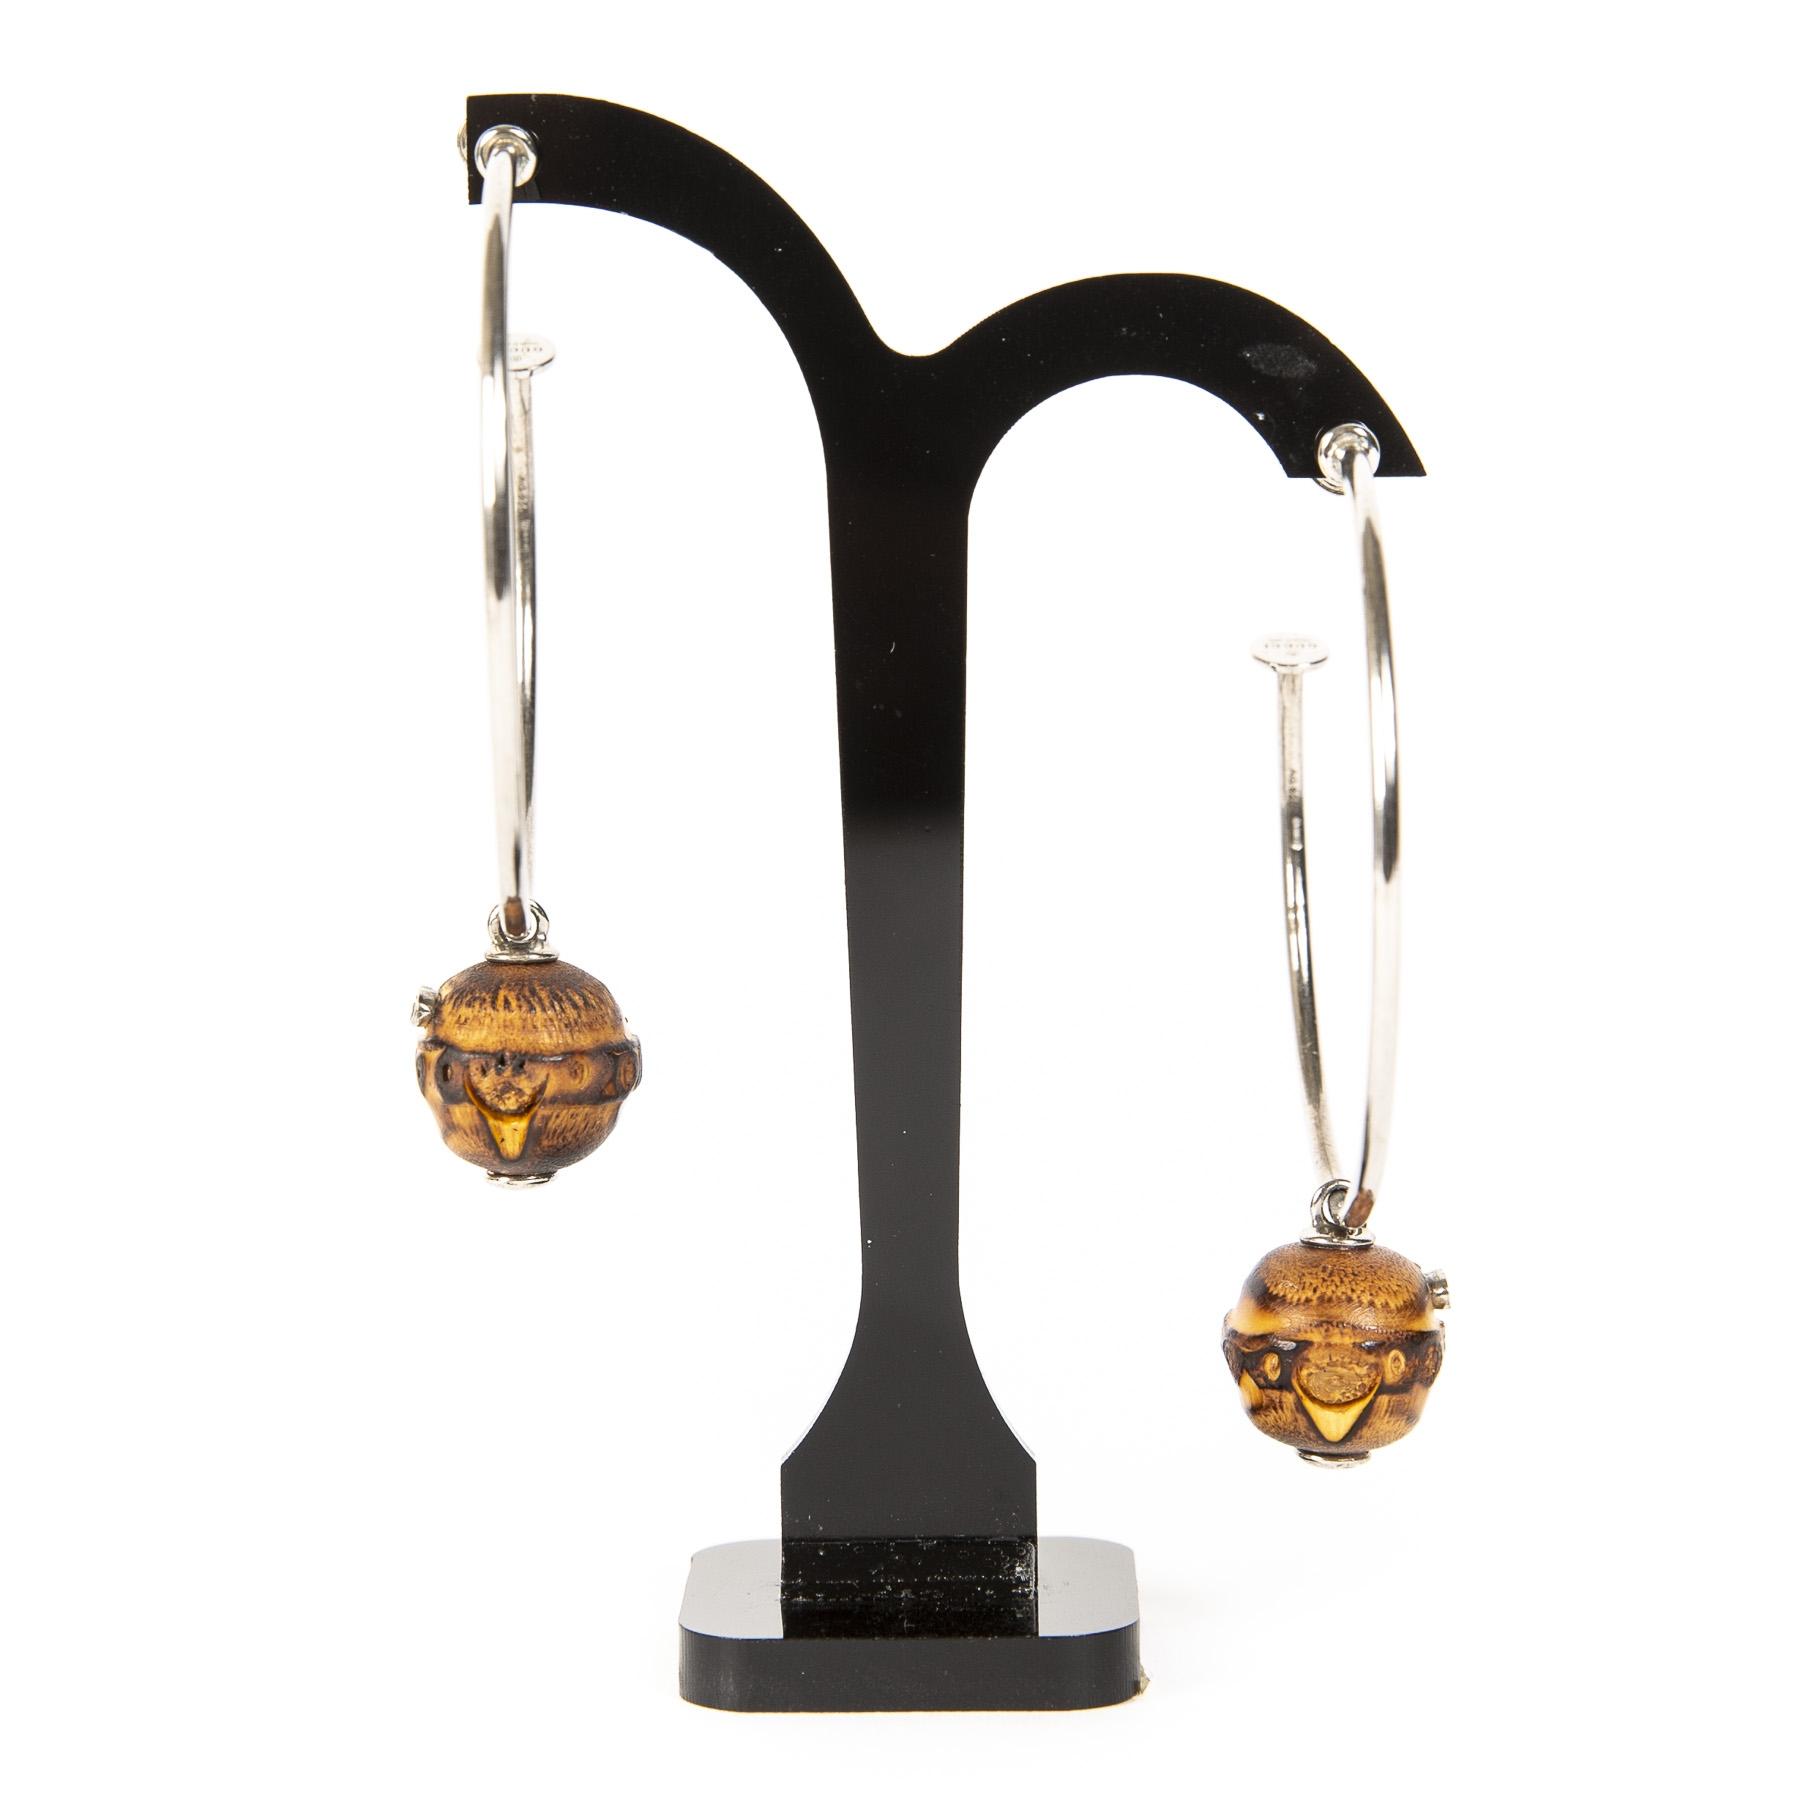 Koop auhtentieke Gucci oorbellen aan de juiste prijs bij LabelLOV vintage webshop